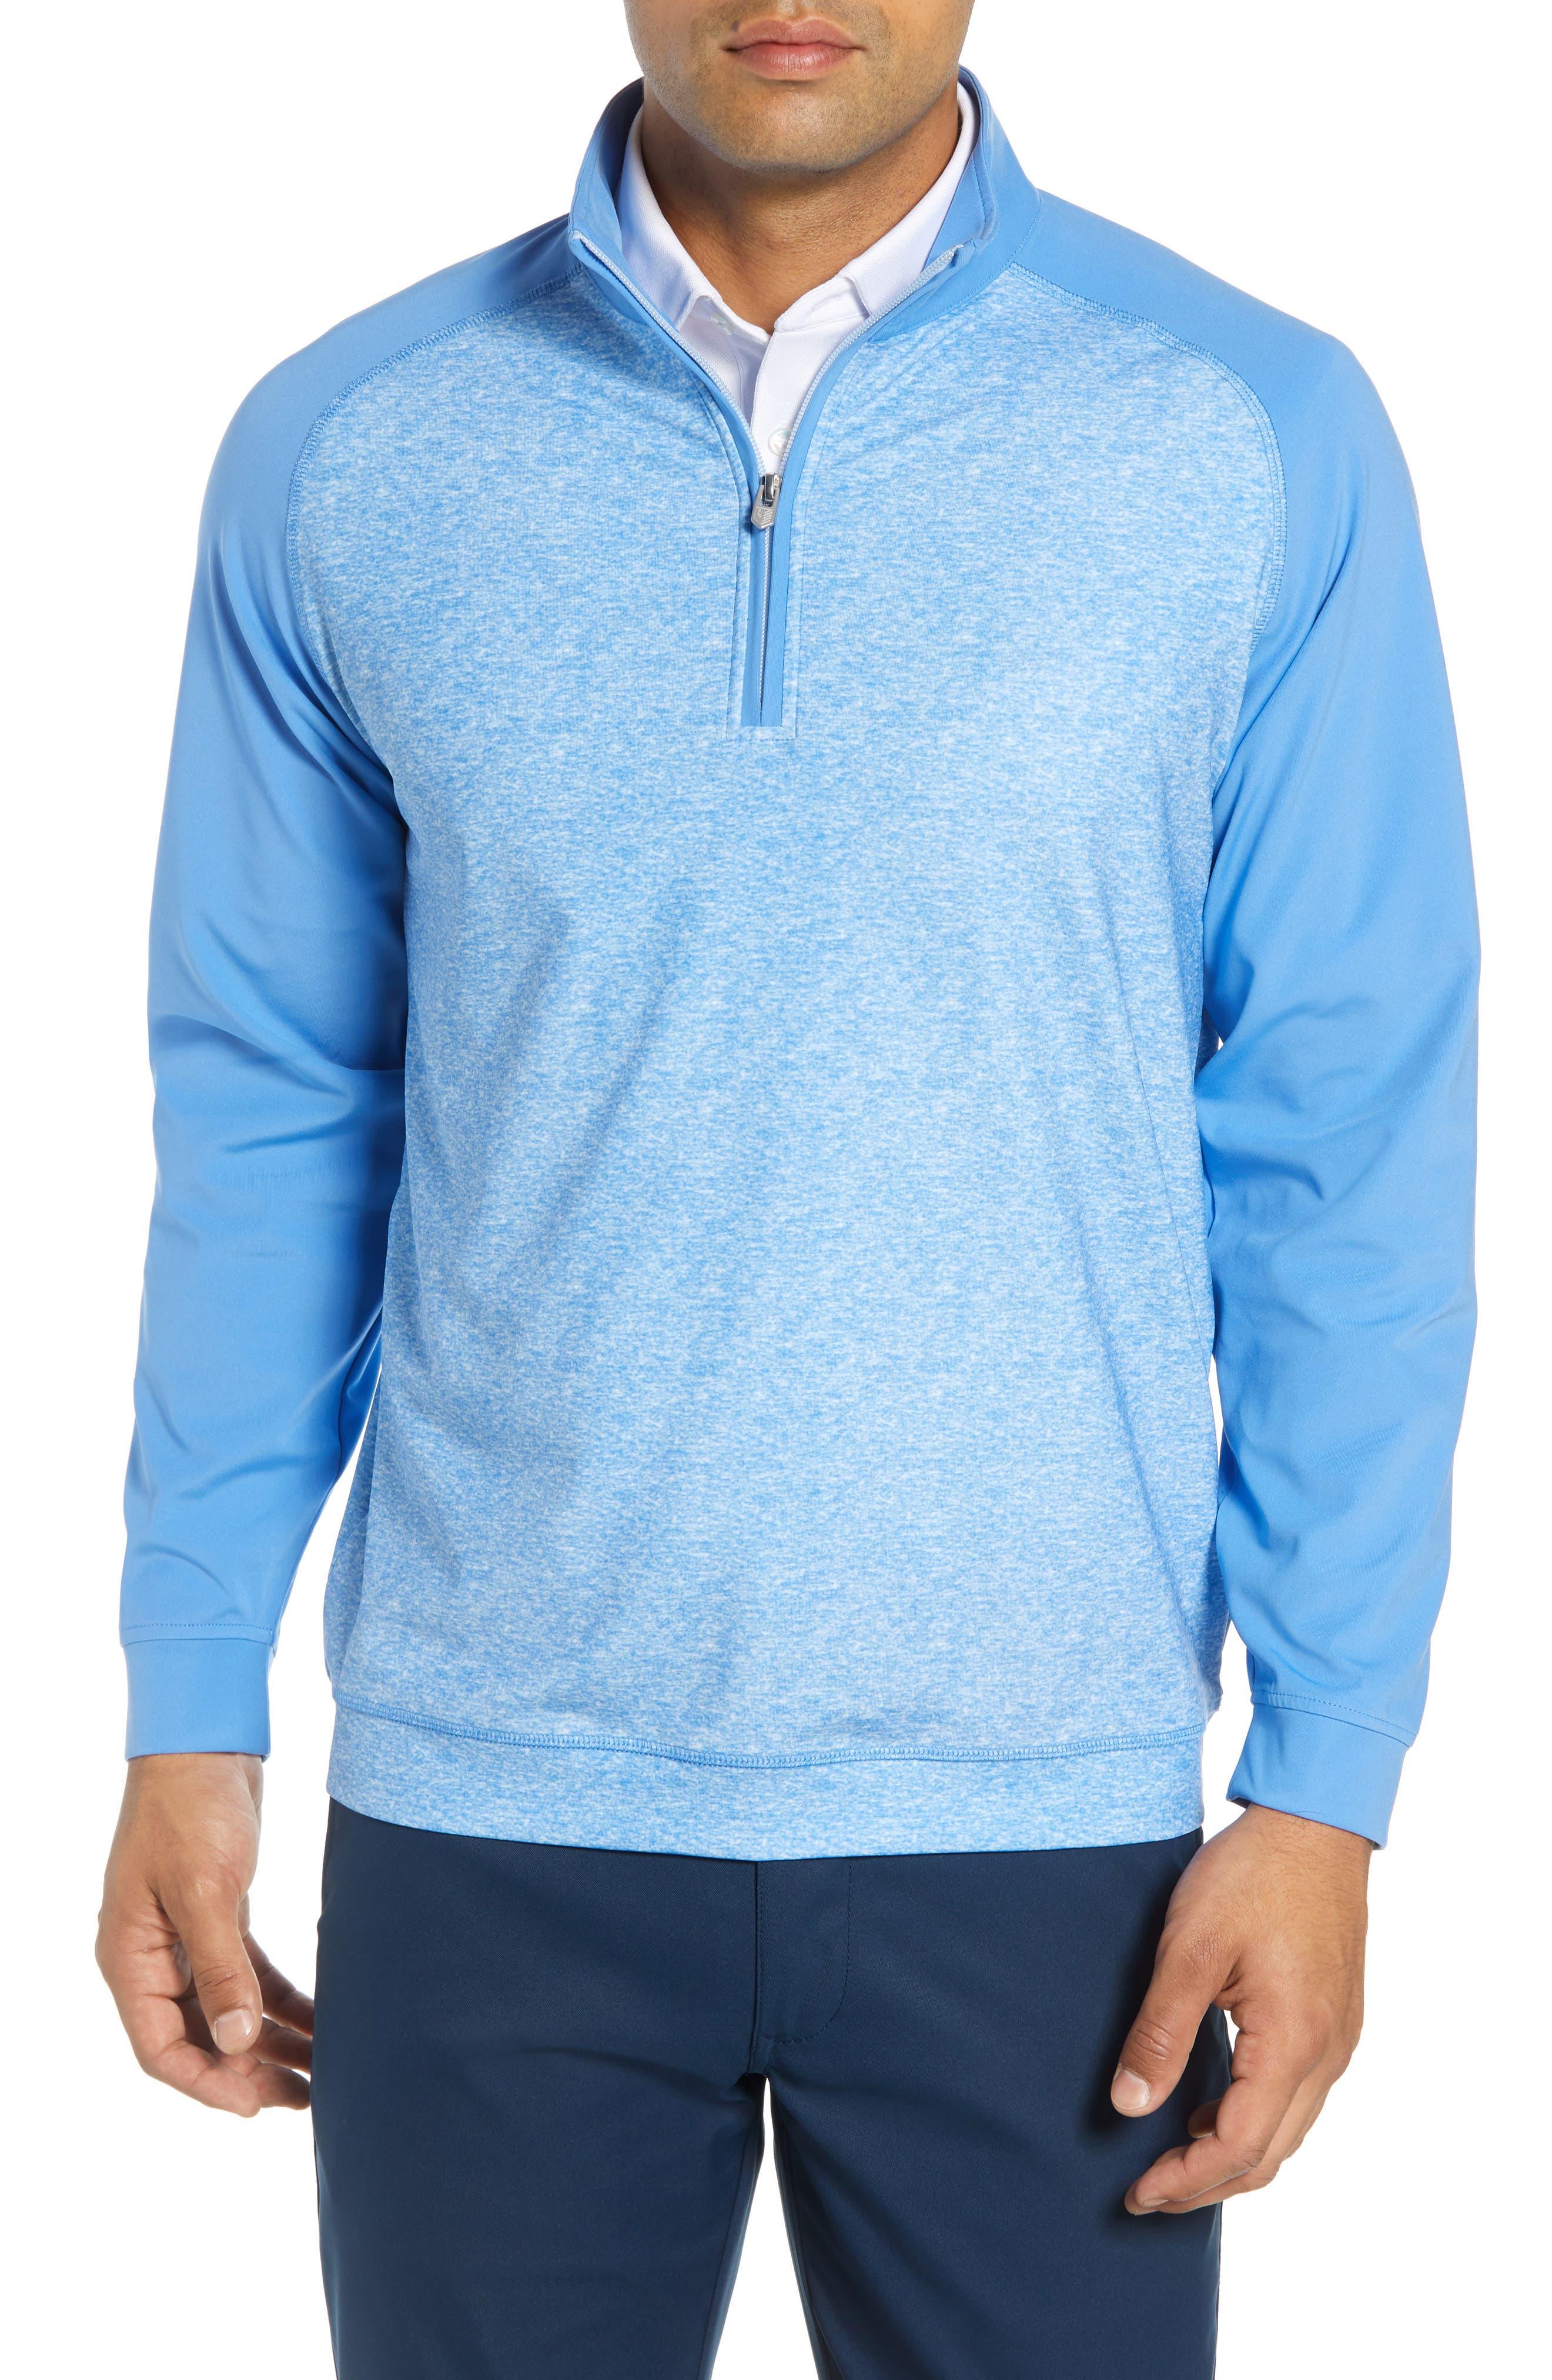 BOBBY JONES Rule 18 Tech Raglan Pullover in Blue